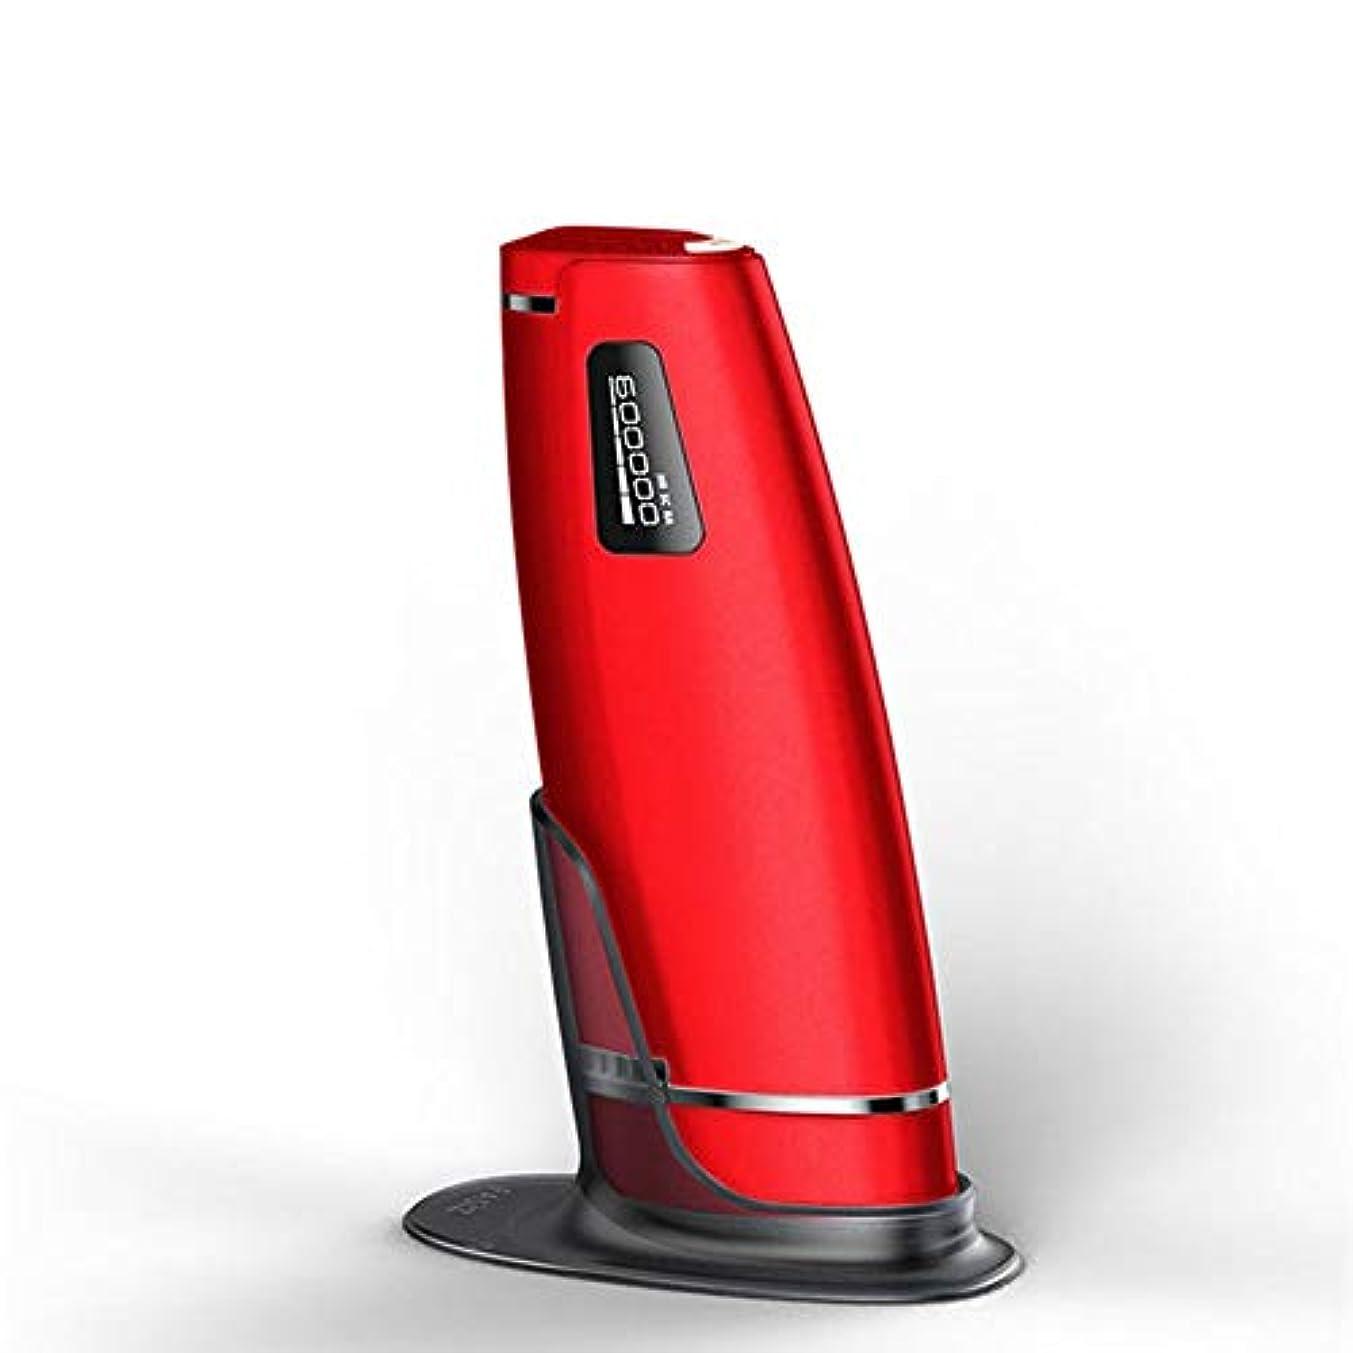 シャーロットブロンテメトロポリタンバイアス赤、デュアルモード、ホームオートマチック無痛脱毛剤、携帯用永久脱毛剤、5スピード調整、サイズ20.5 X 4.5 X 7 Cm 髪以外はきれい (Color : Red)